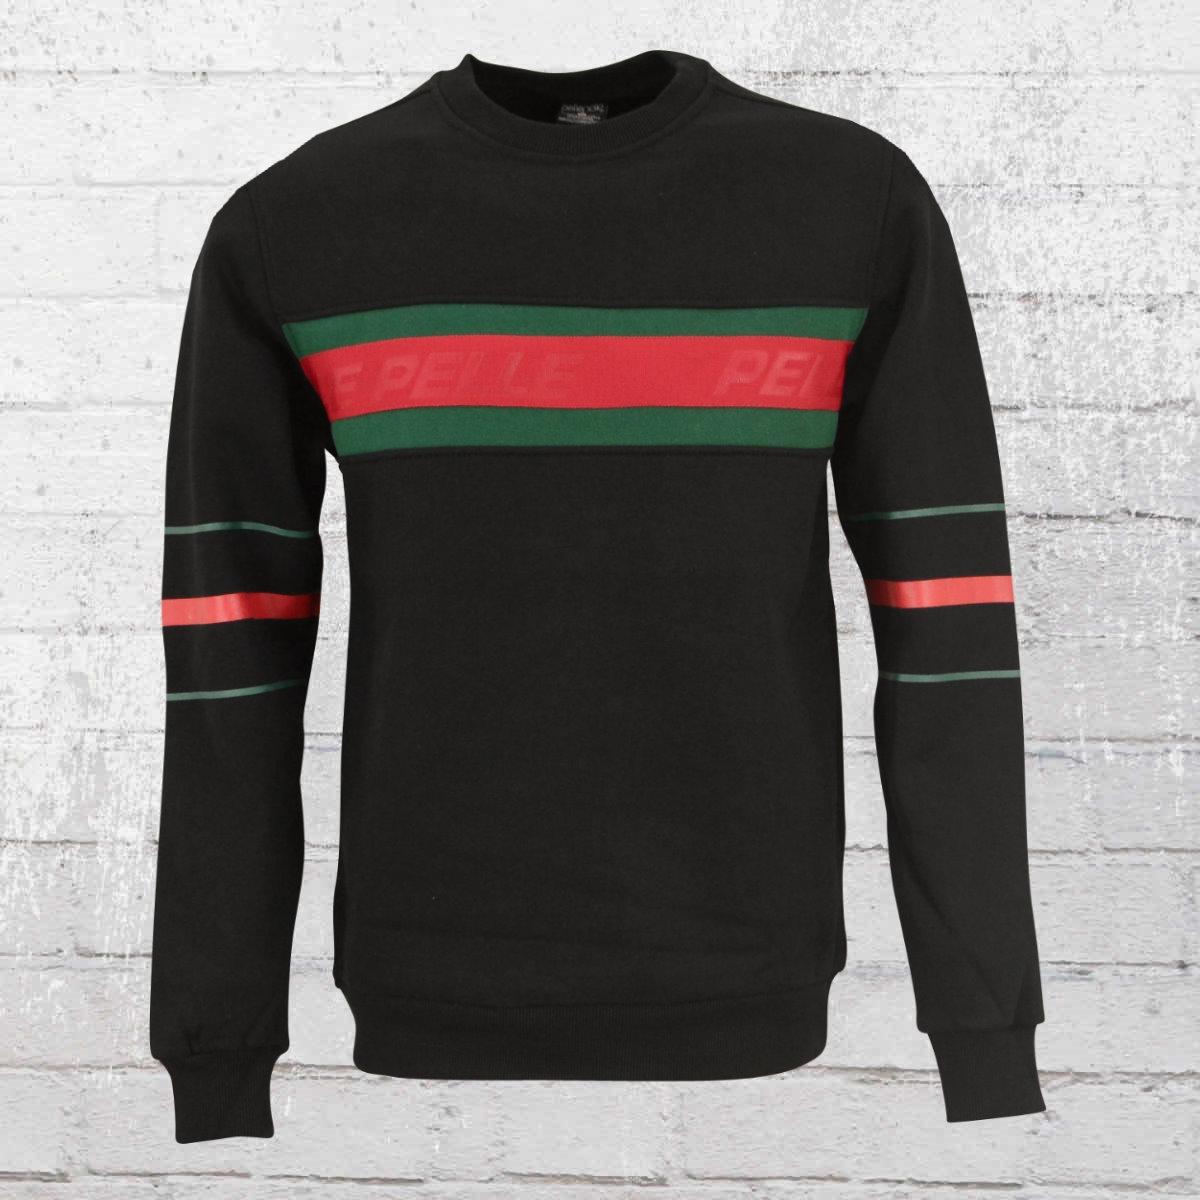 Pelle Pelle Herren Sweatshirt Front 2 Back schwarz